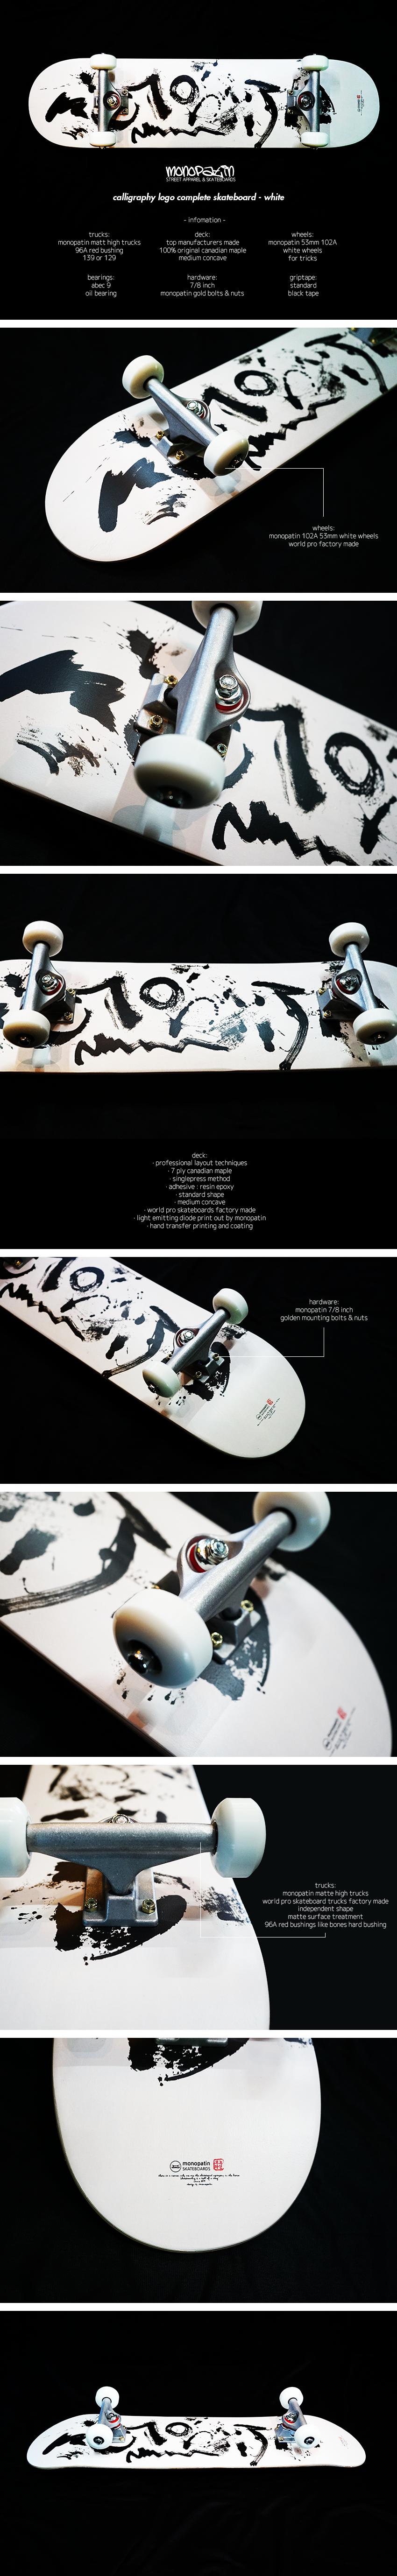 모노파틴 캘리그래피 로고 화이트 컴플릿 스케이트보드 monopatin-calligraphy-logo-white-complete-skateboard.png